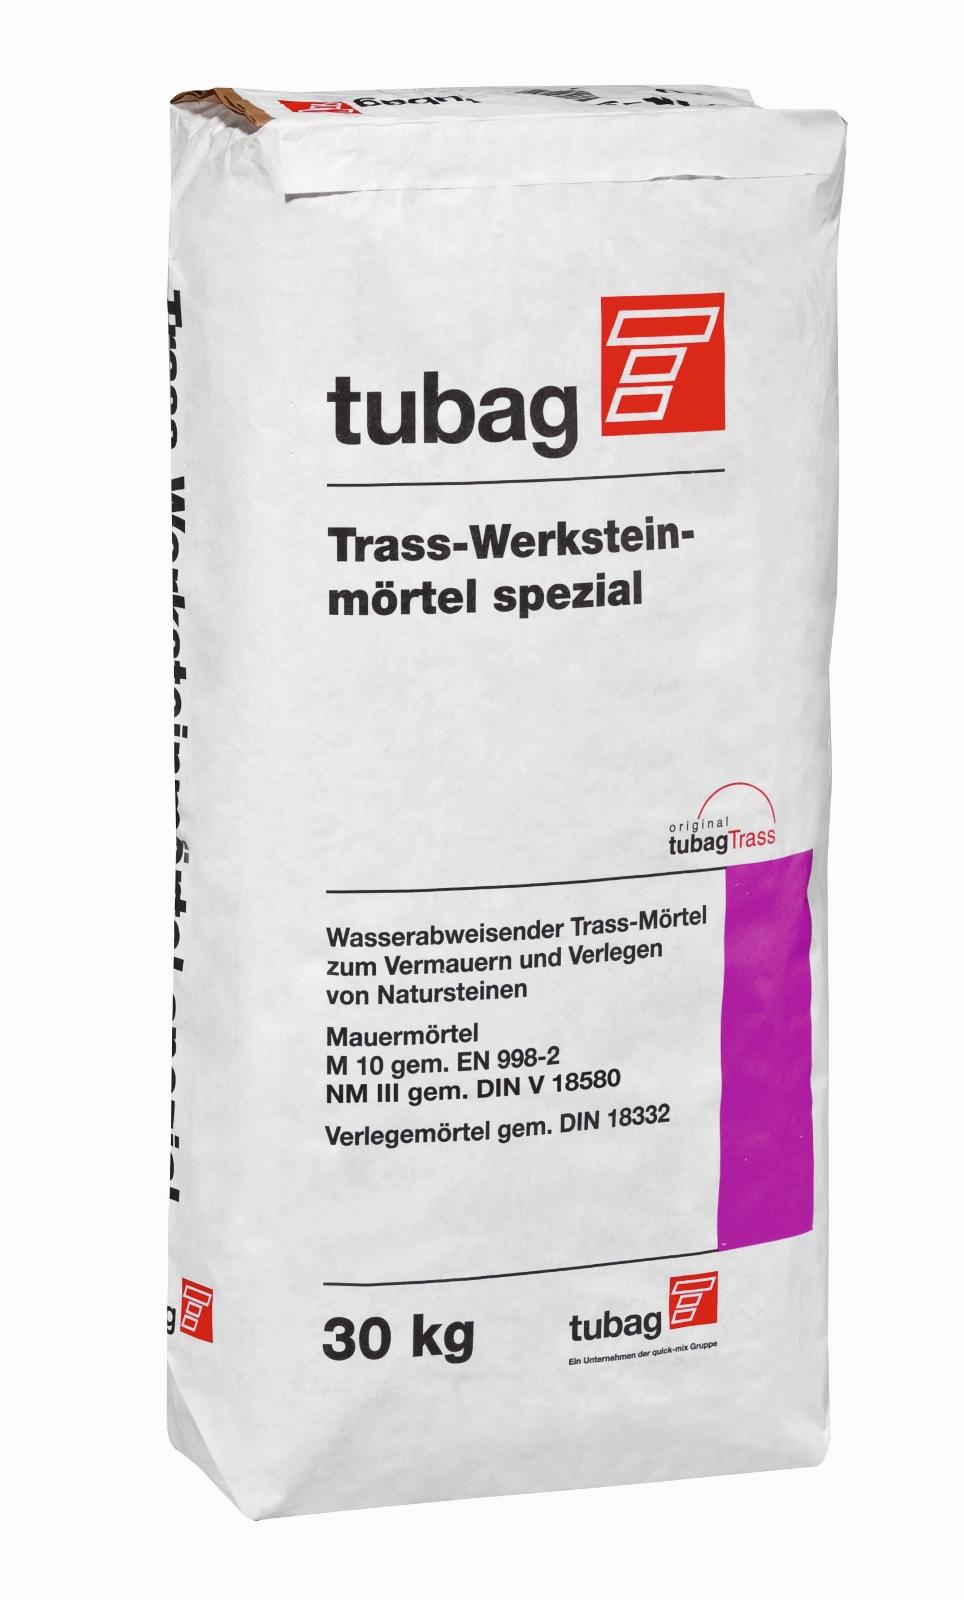 Trass Werksteinmortel Spezial Tubag Wasserabweisend Teichbau